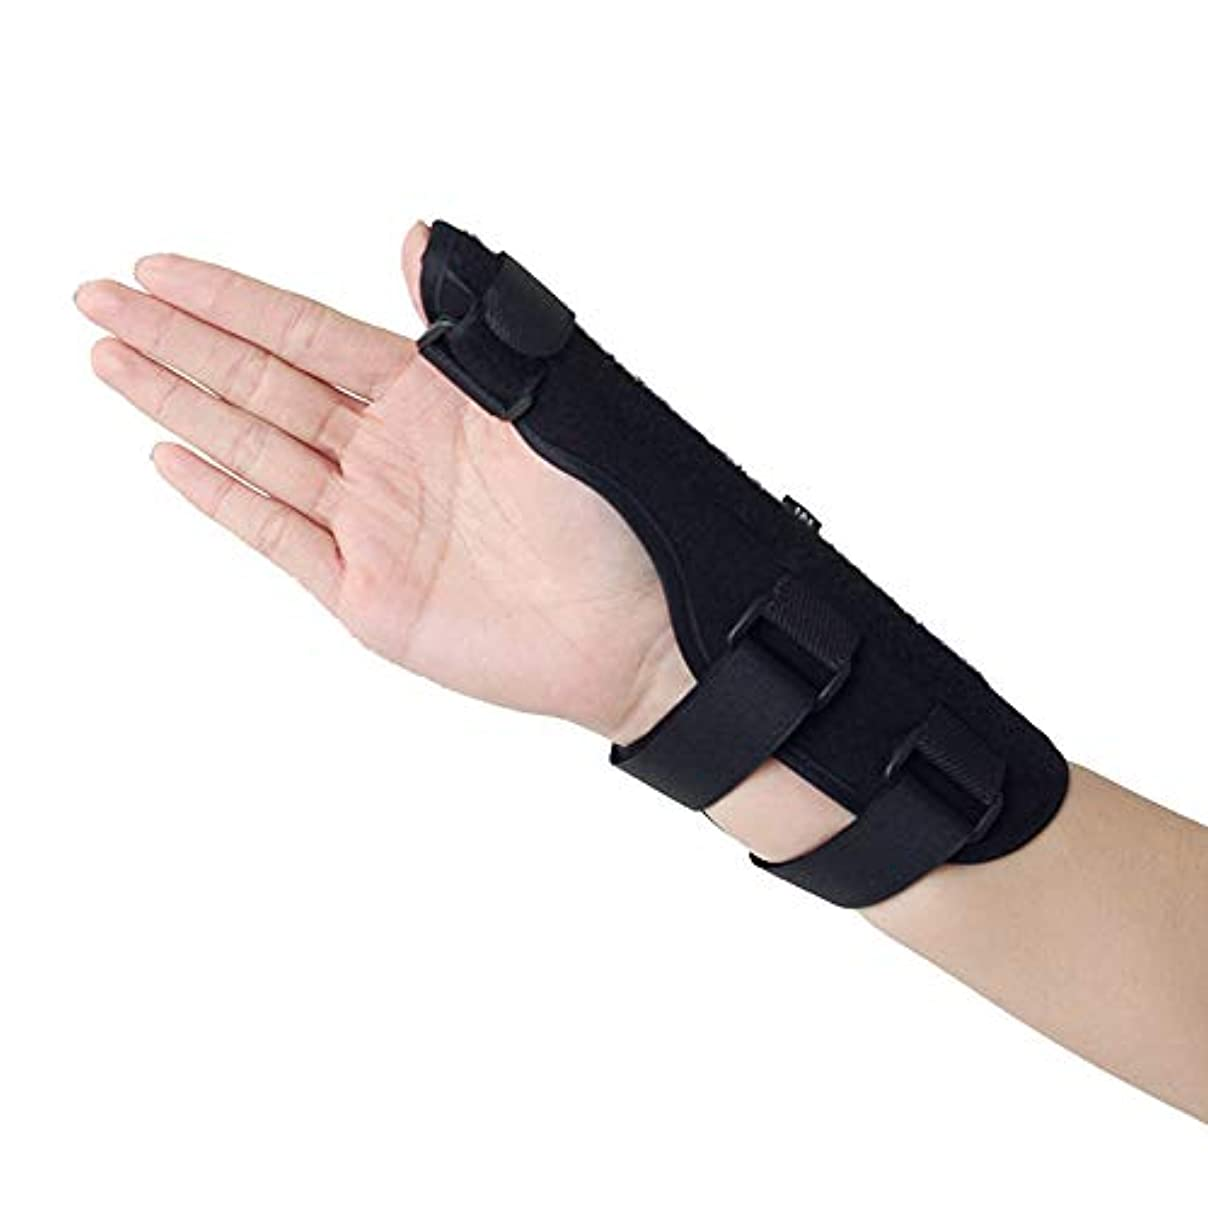 豆腐レンジ大親指サポート、手首サポート、関節炎、関節痛、腱炎、捻rain、手の不安定性イモビライザーに最適軽量で通気性